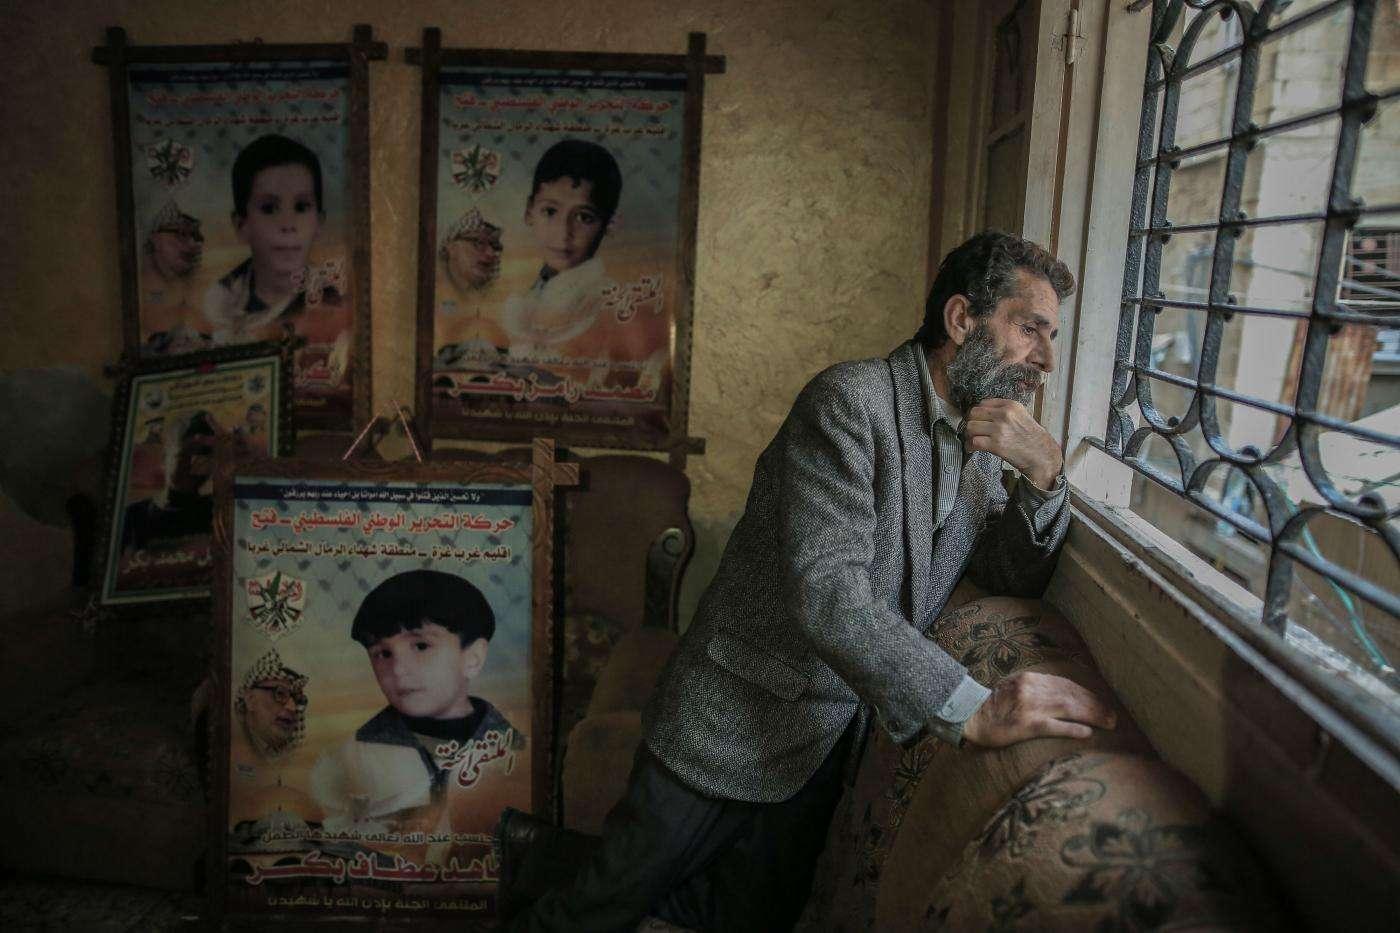 تحقيقات الجنايات الدولية تعيد ذكريات أليمة لسكان غزة